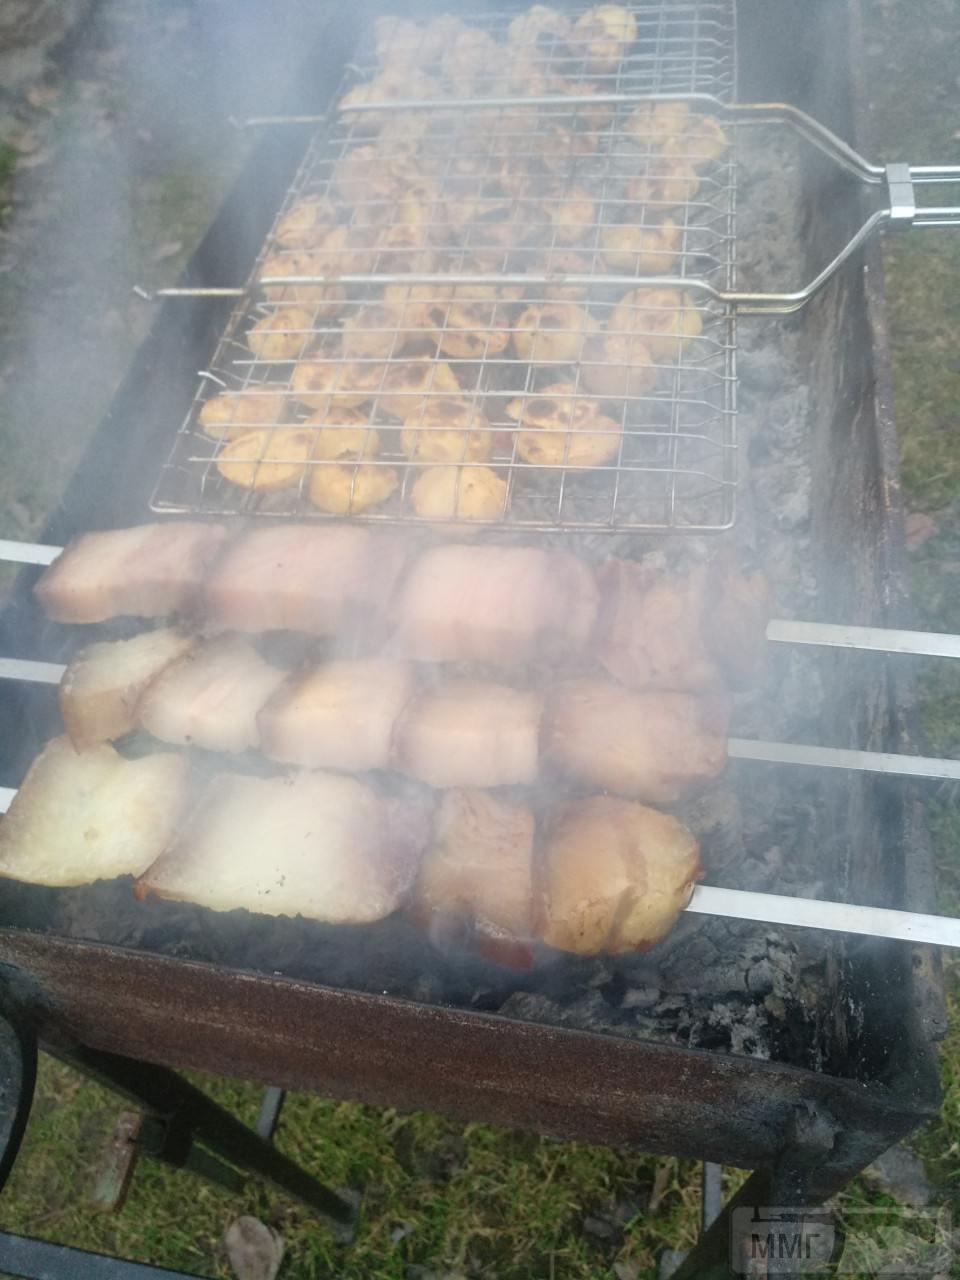 87778 - Закуски на огне (мангал, барбекю и т.д.) и кулинария вообще. Советы и рецепты.